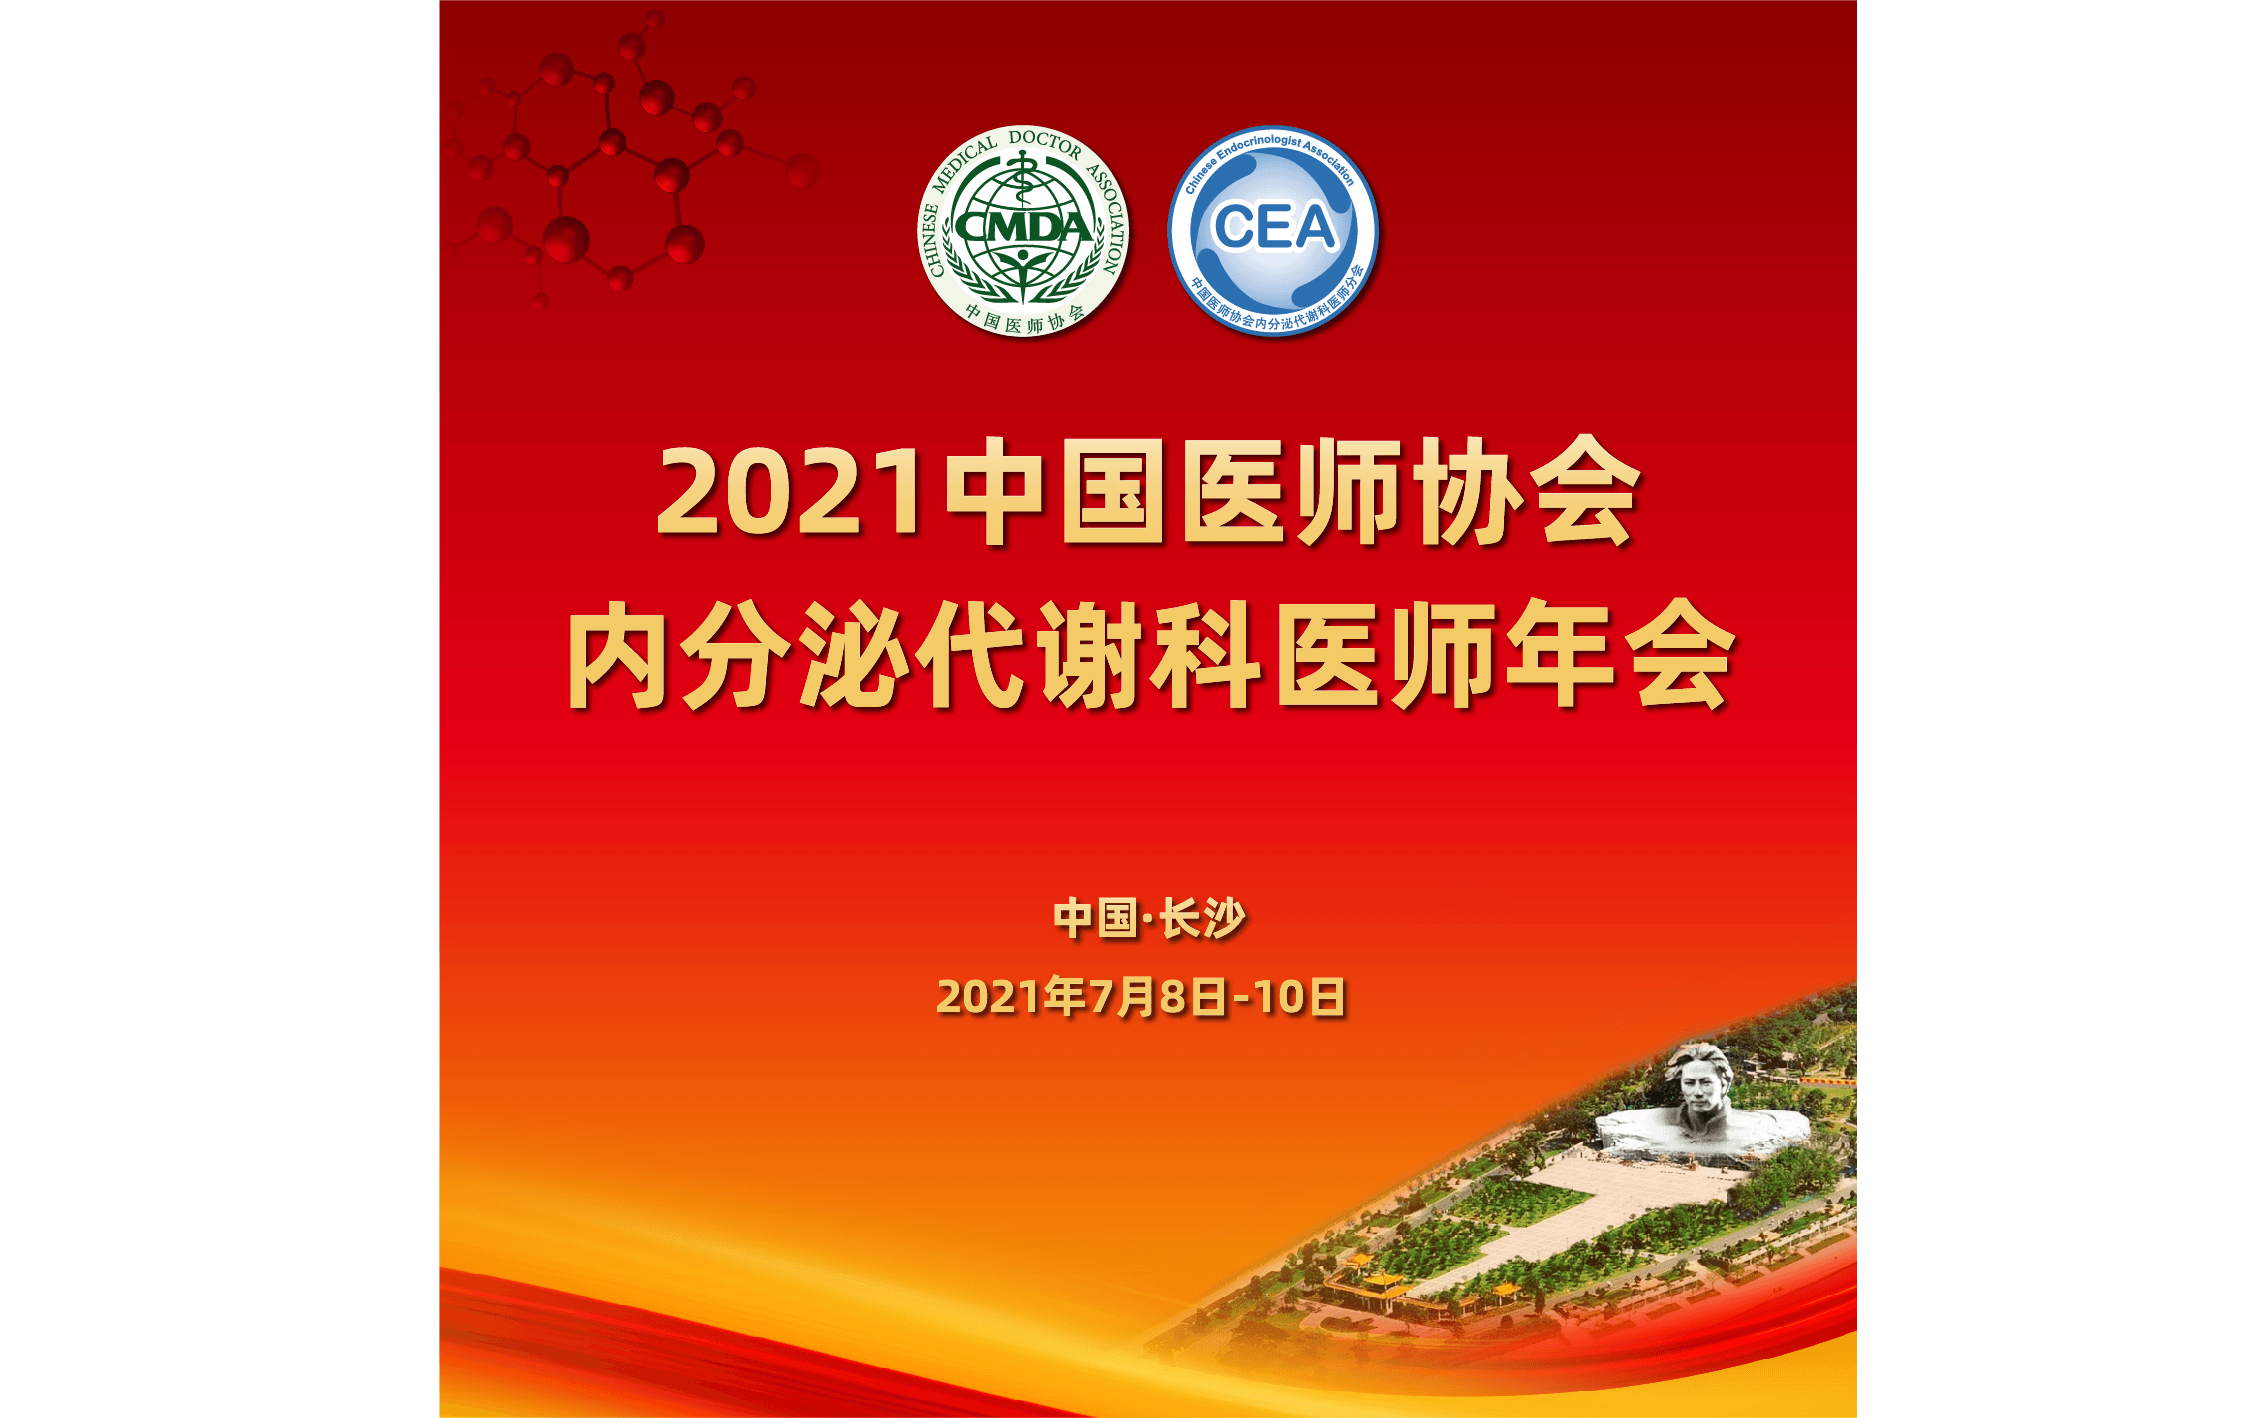 2021医师协会内分泌代谢科医师年会